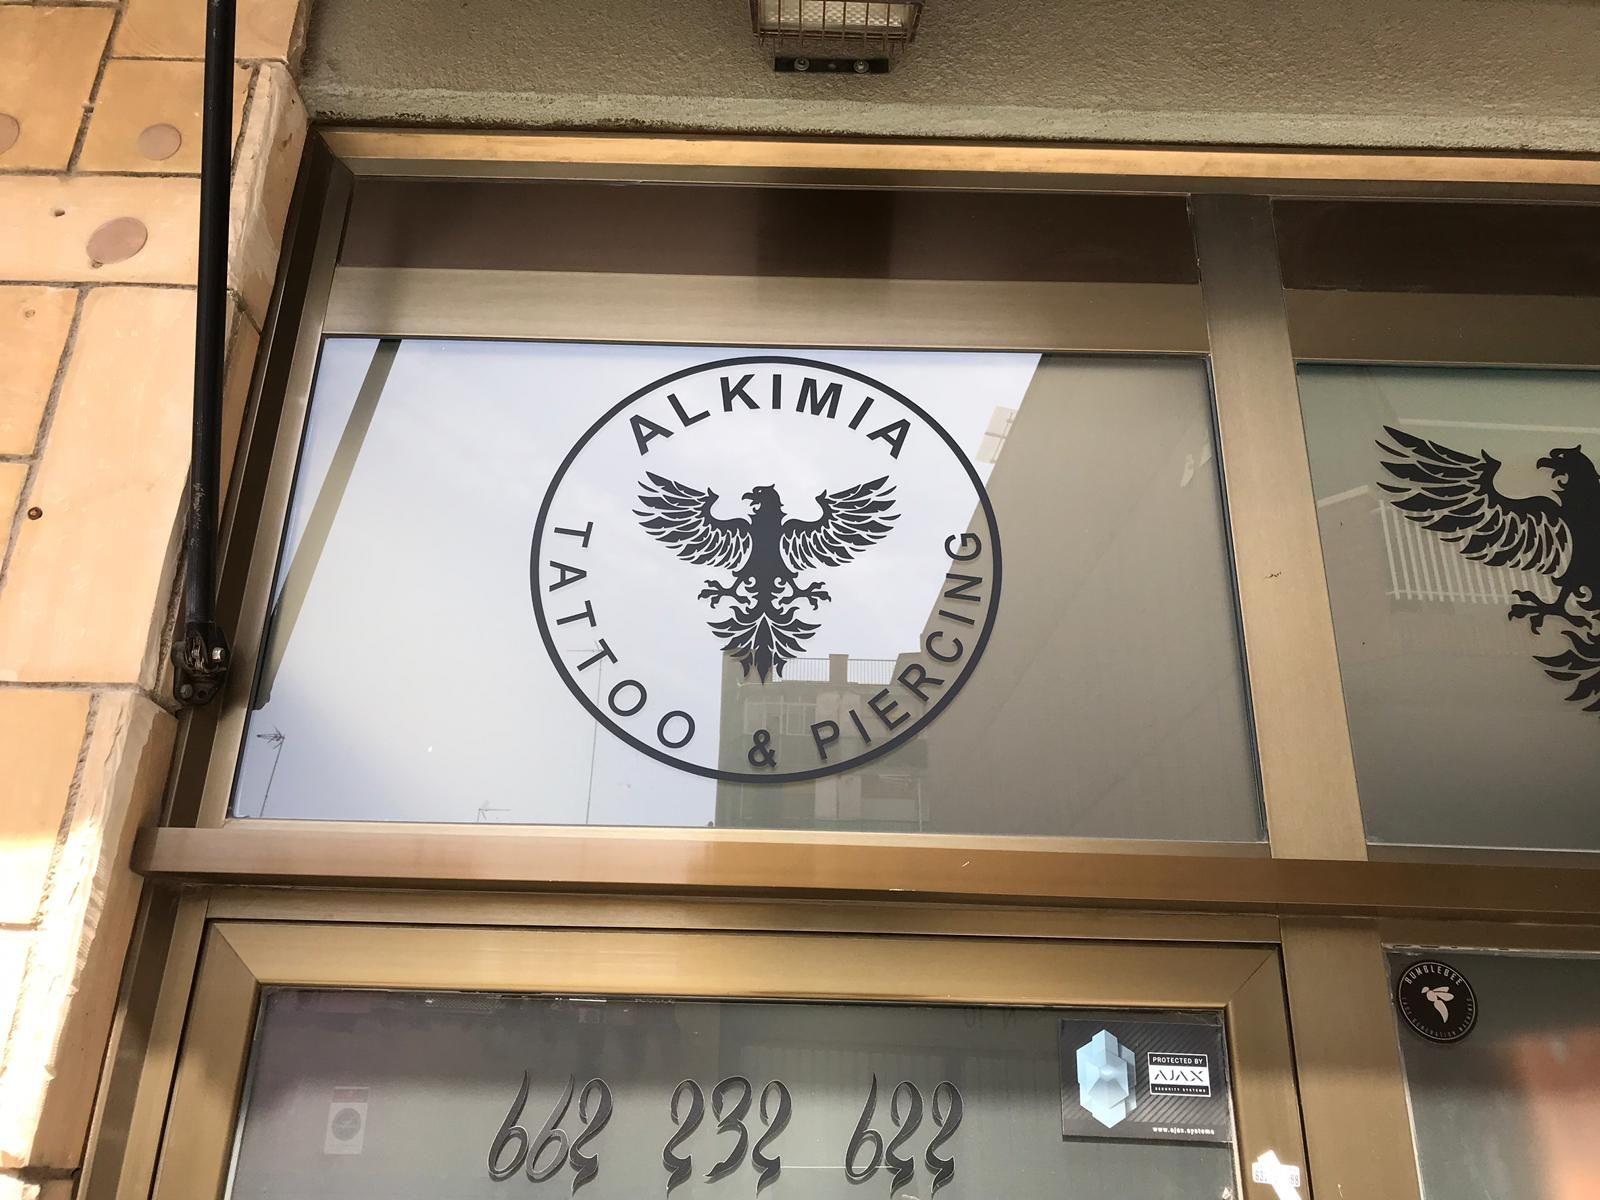 Productos de la marca Alkimia para profesionales